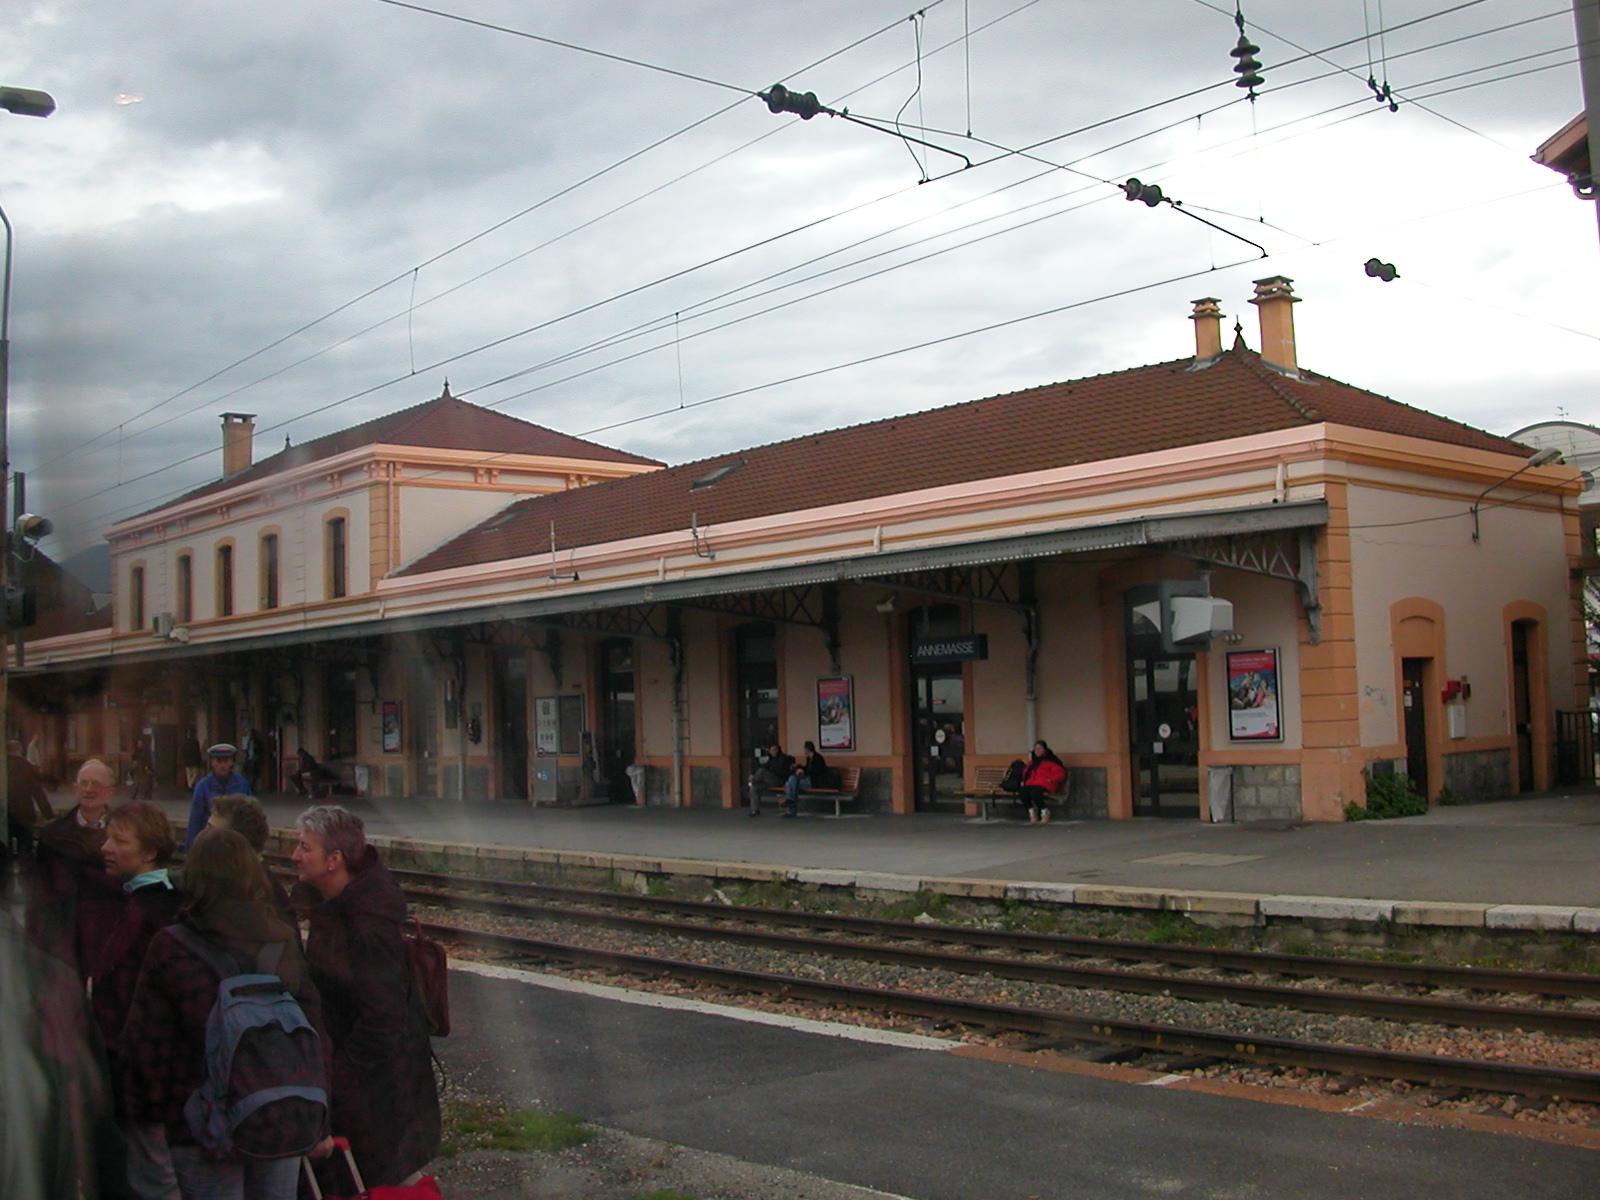 Gare annemasse - Office tourisme annemasse ...